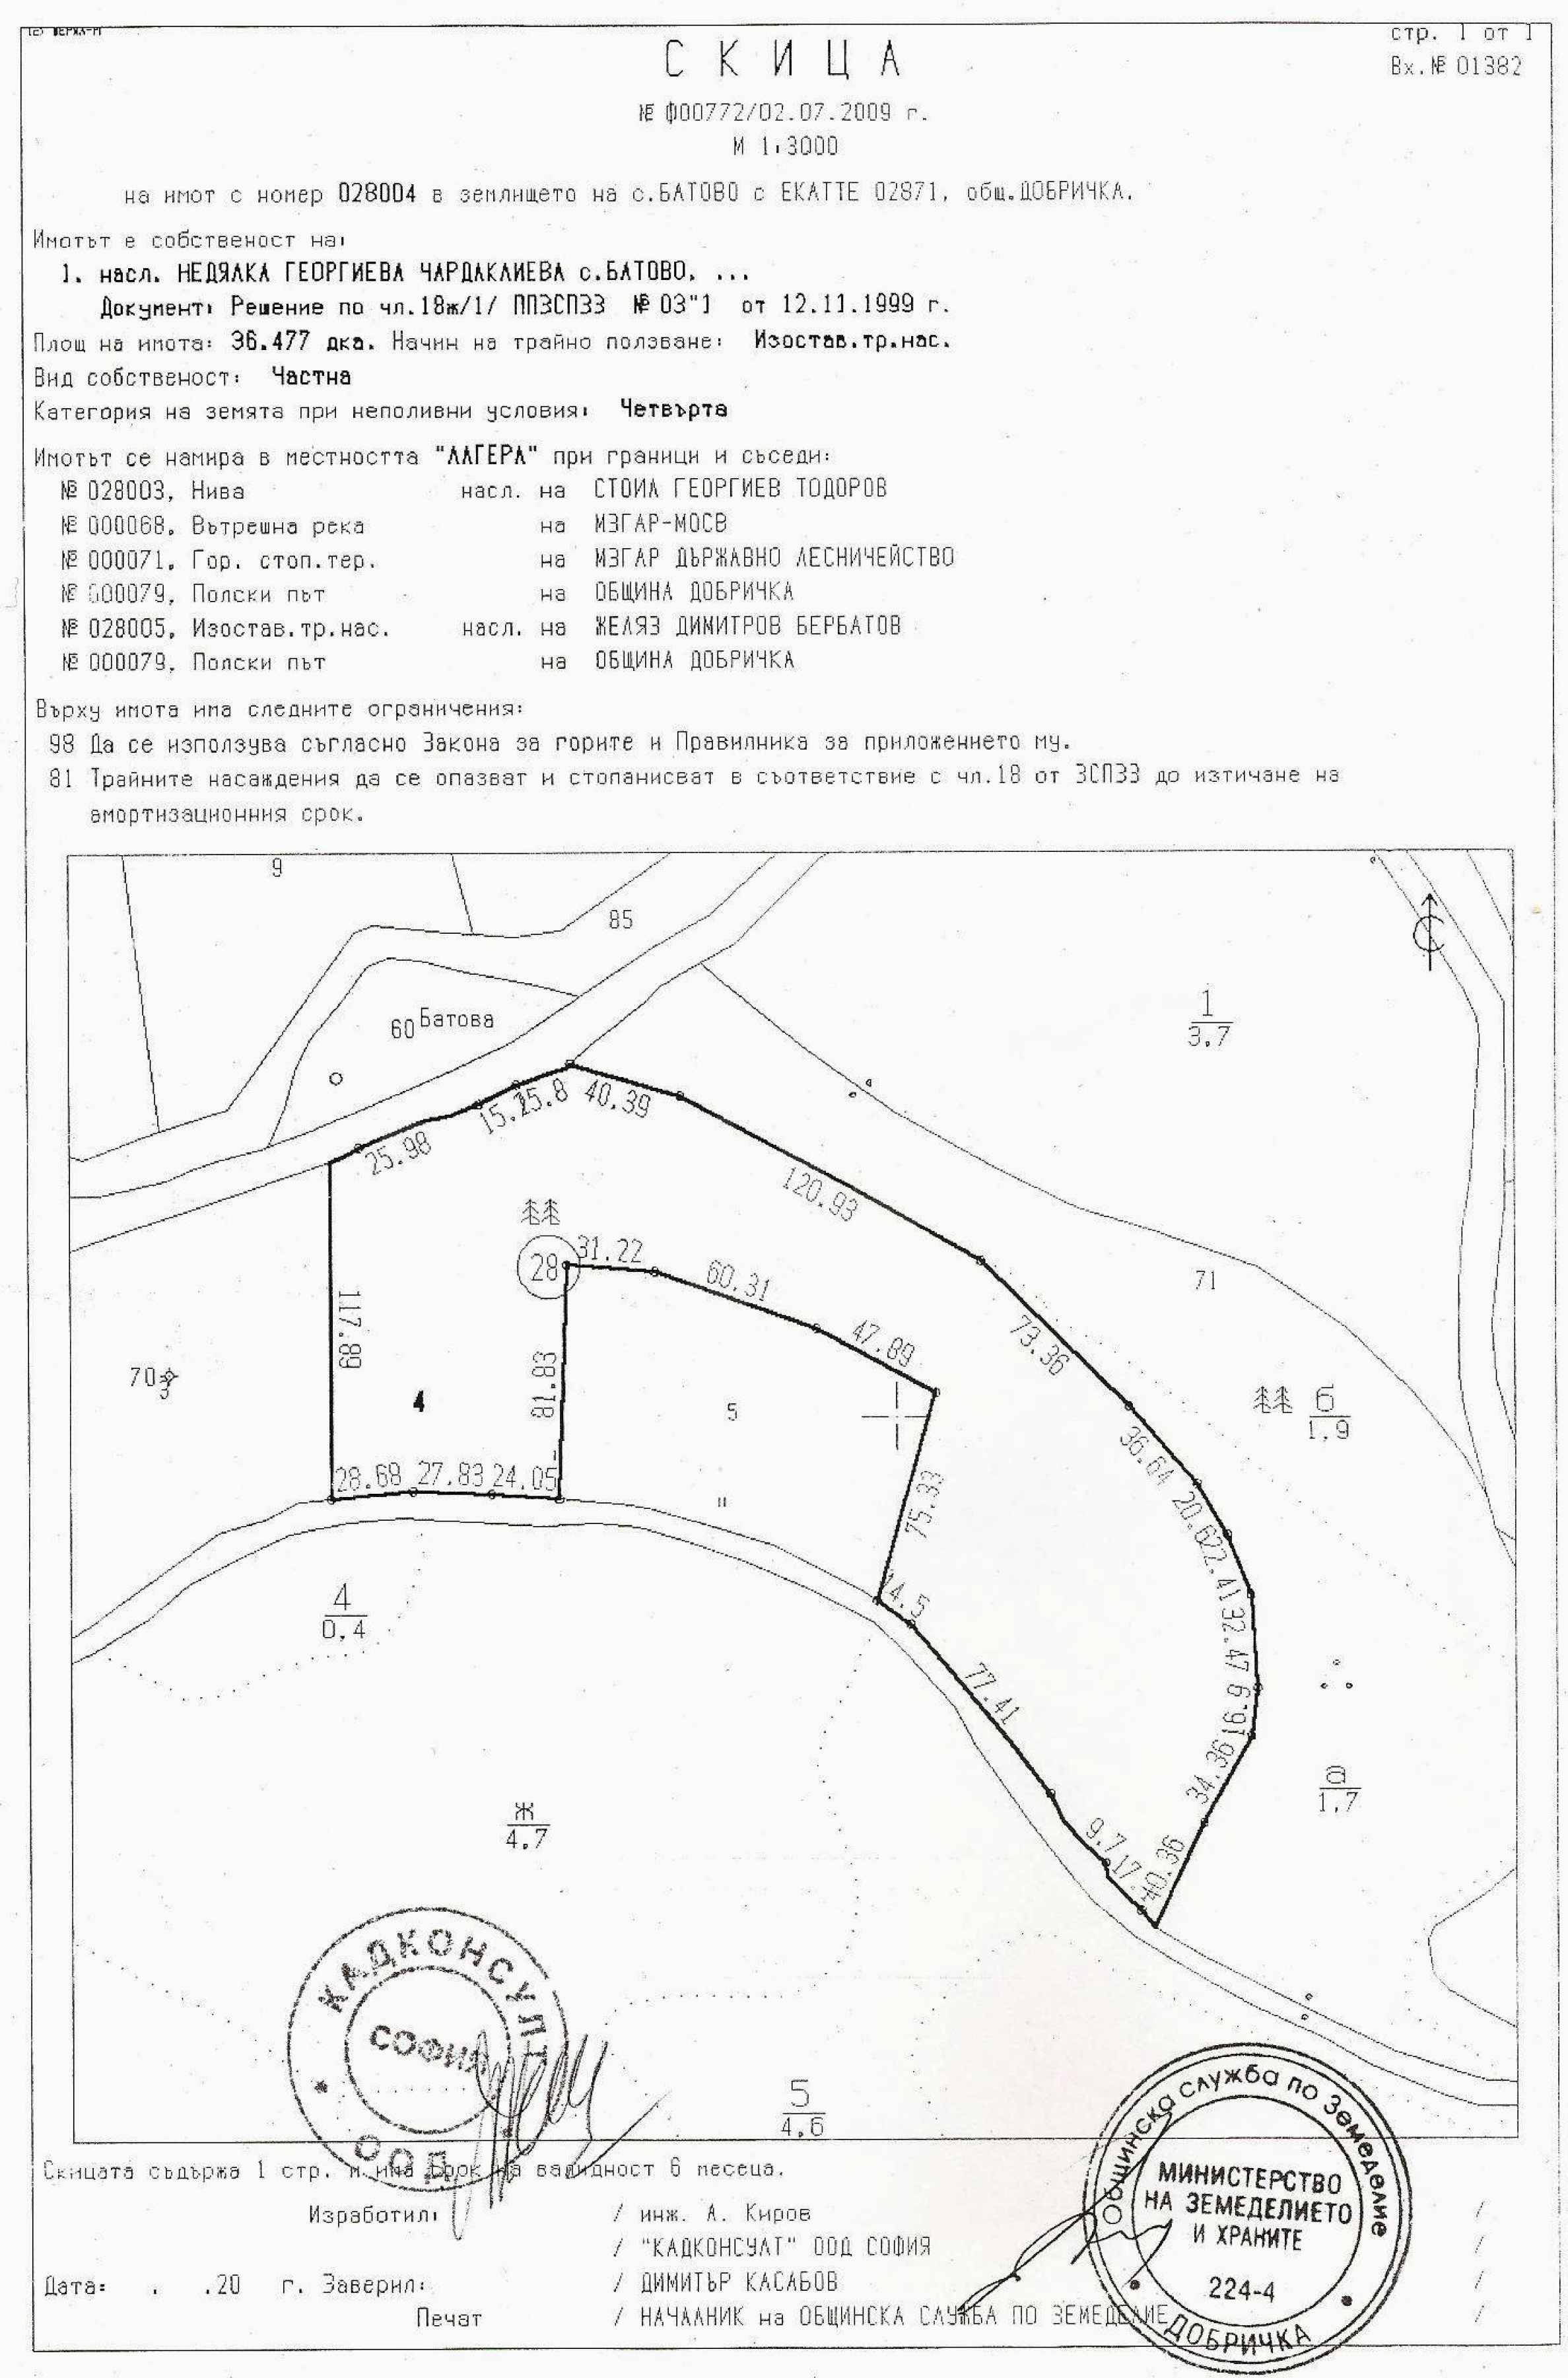 Продается участок площадью 46 500 кв.м. в 12 км от Албены 11